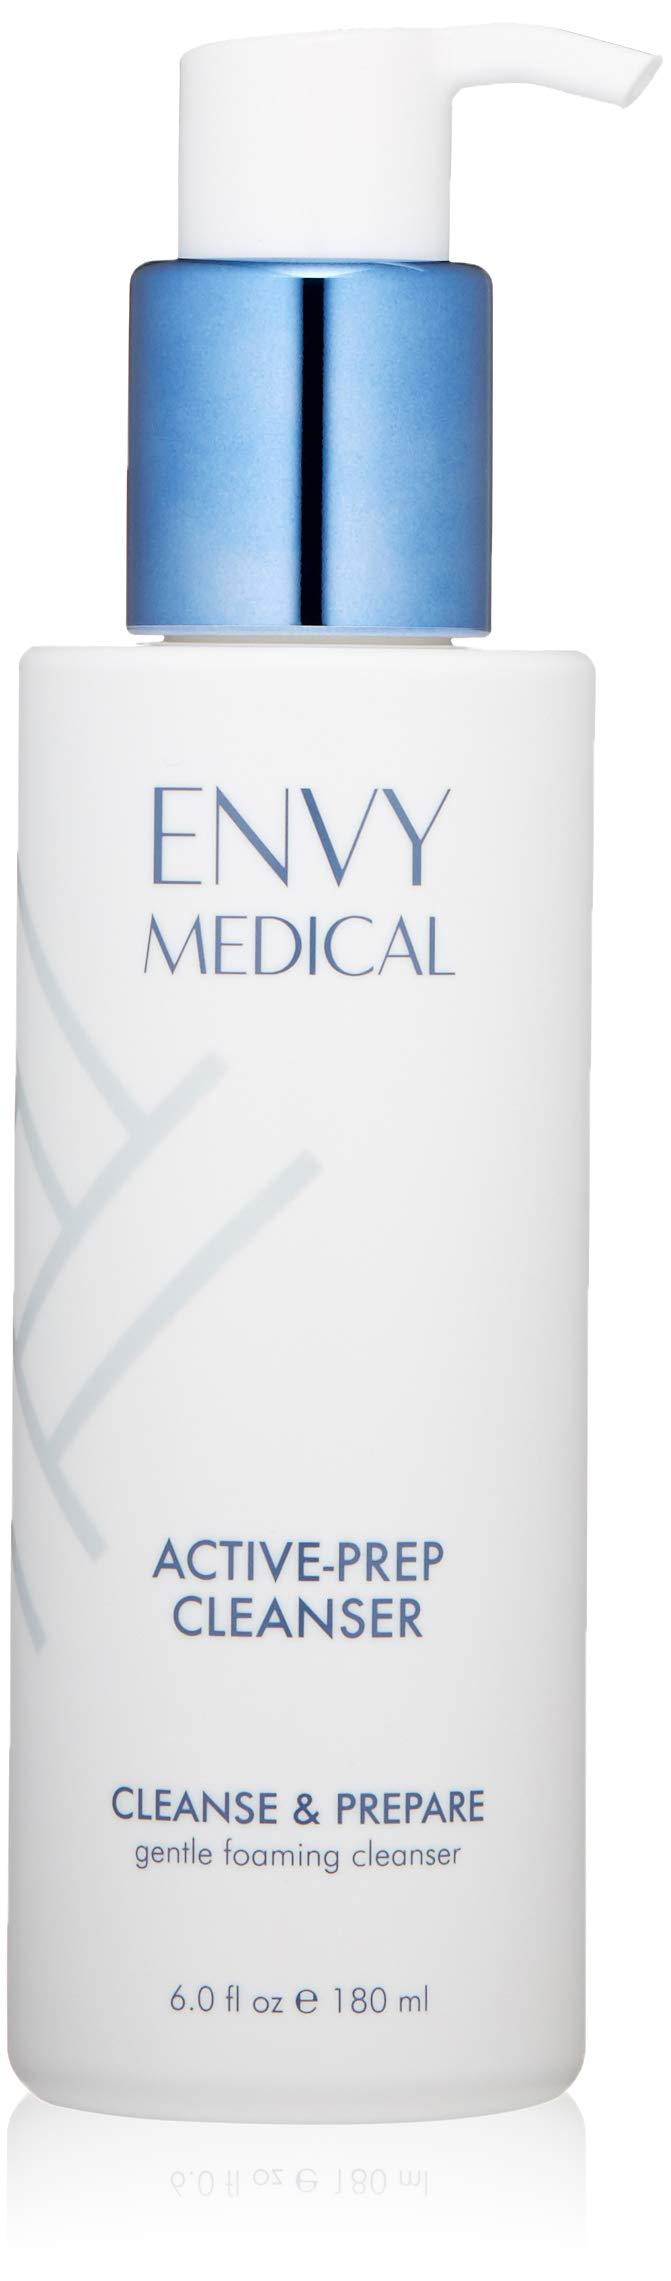 Envy Medical Active-Prep Cleanser, 6.0 Fl Oz